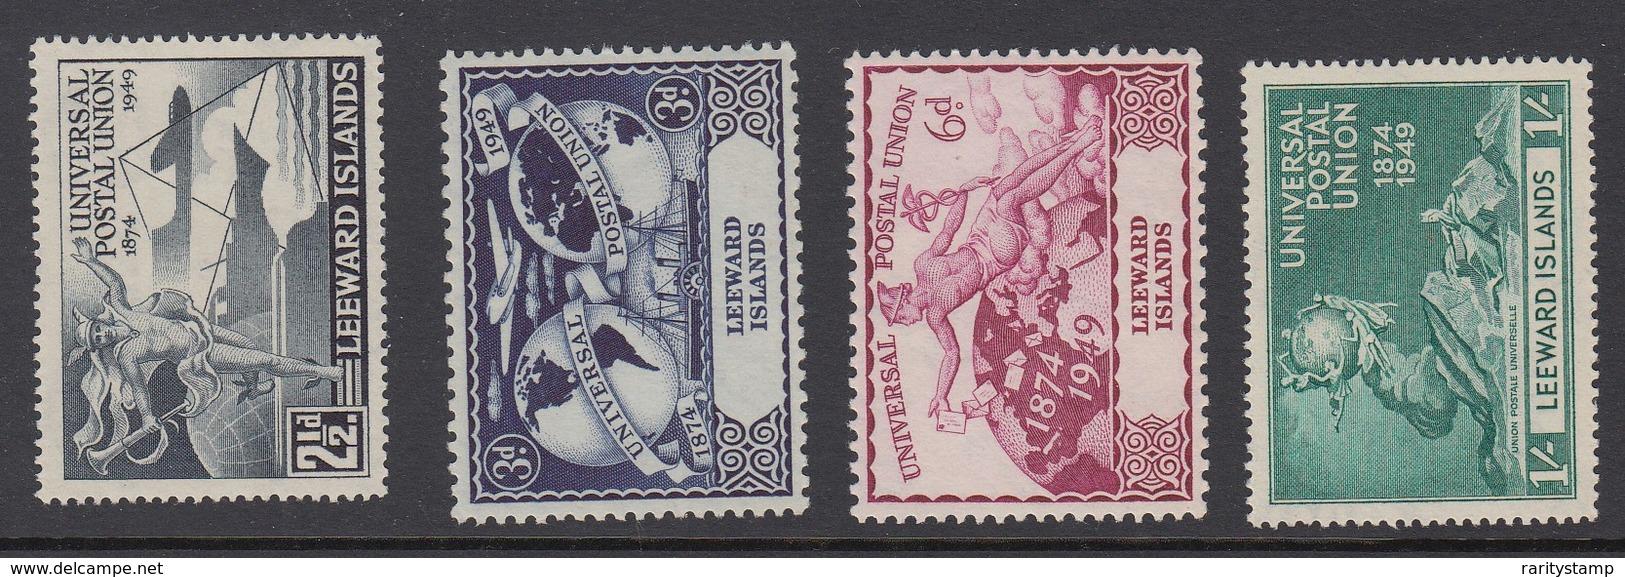 LEEWARD ISLANDS  1949  UPU   SET SG 119/122 MLH - Leeward  Islands